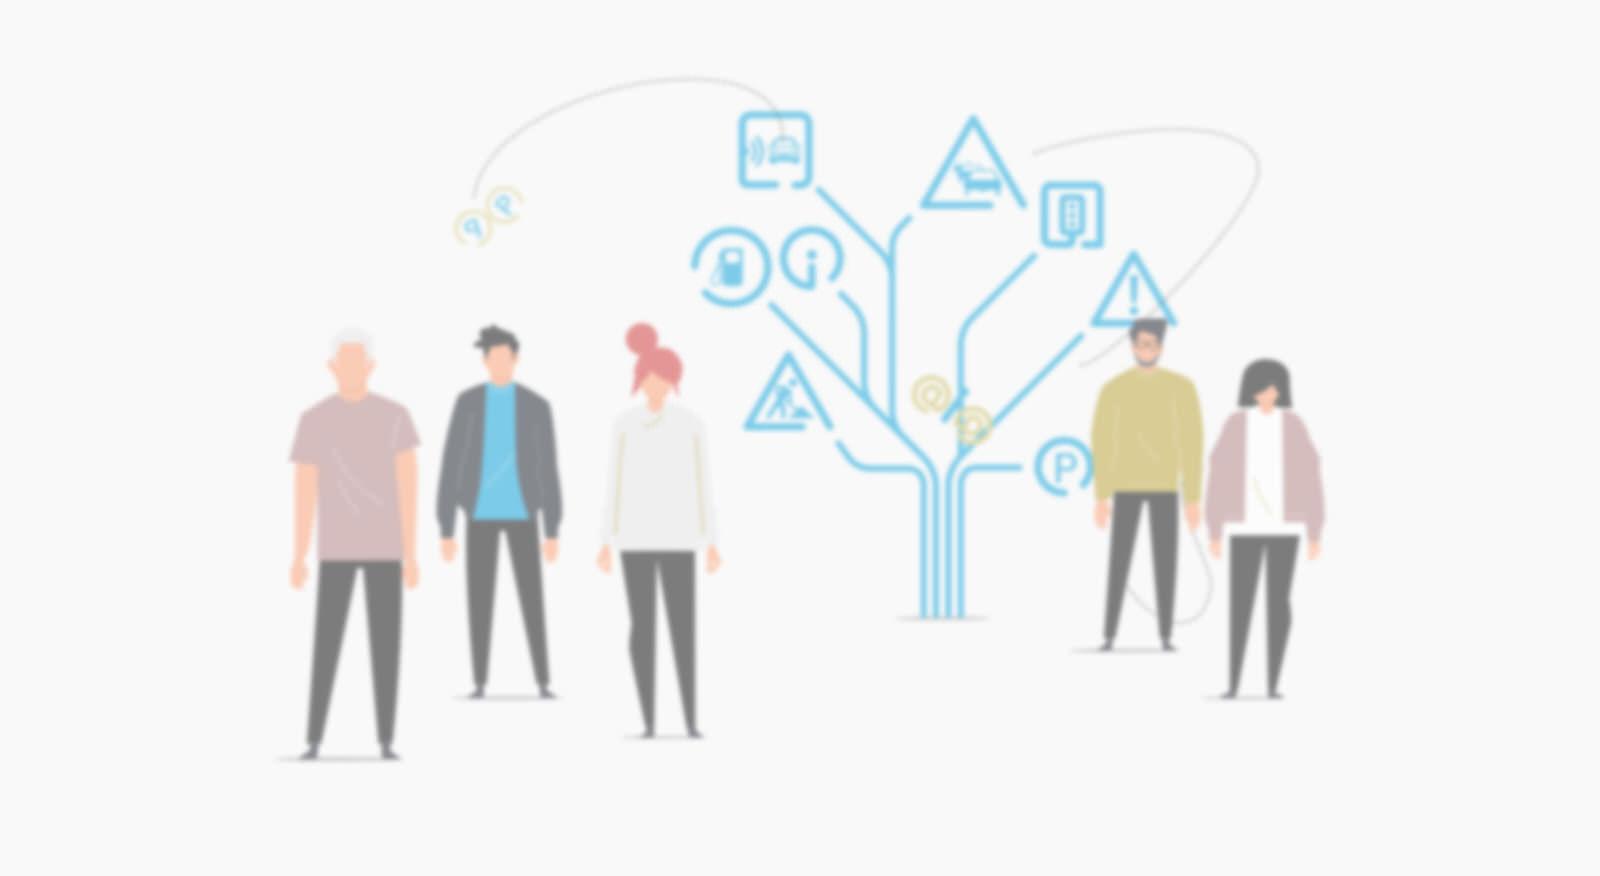 Kurzes Erklärvideo zu den Vorteilen des MDM-Portals und des MDM Netzwerks